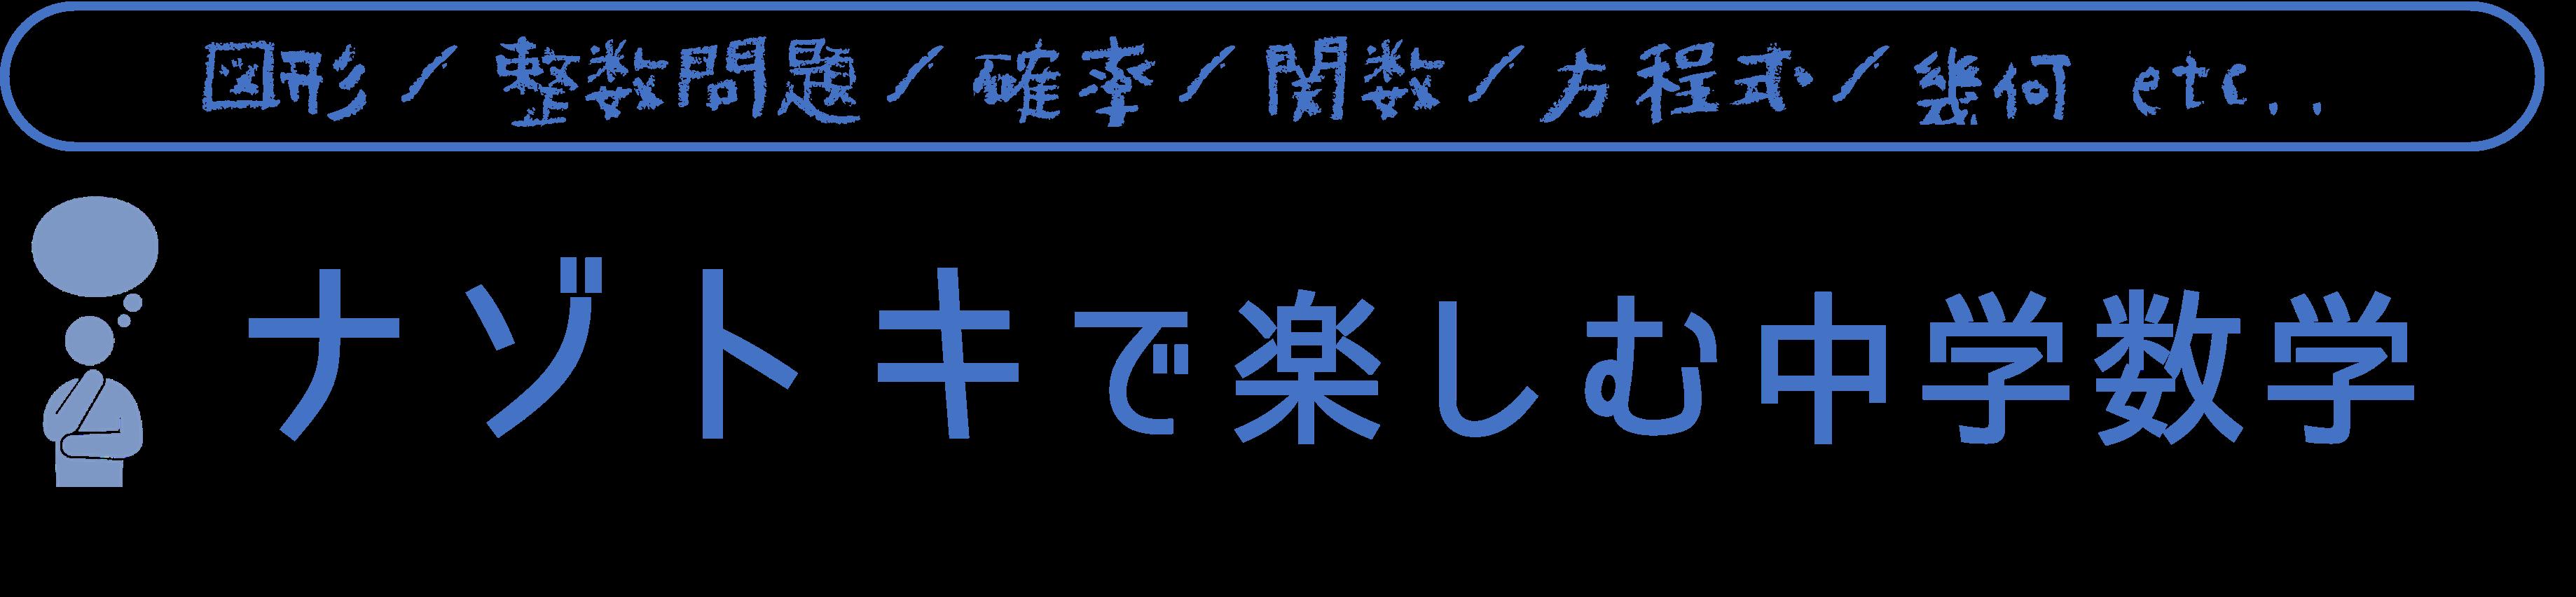 バナー_タカラゼミ_ブログ_理系阪大生のシェアブログ